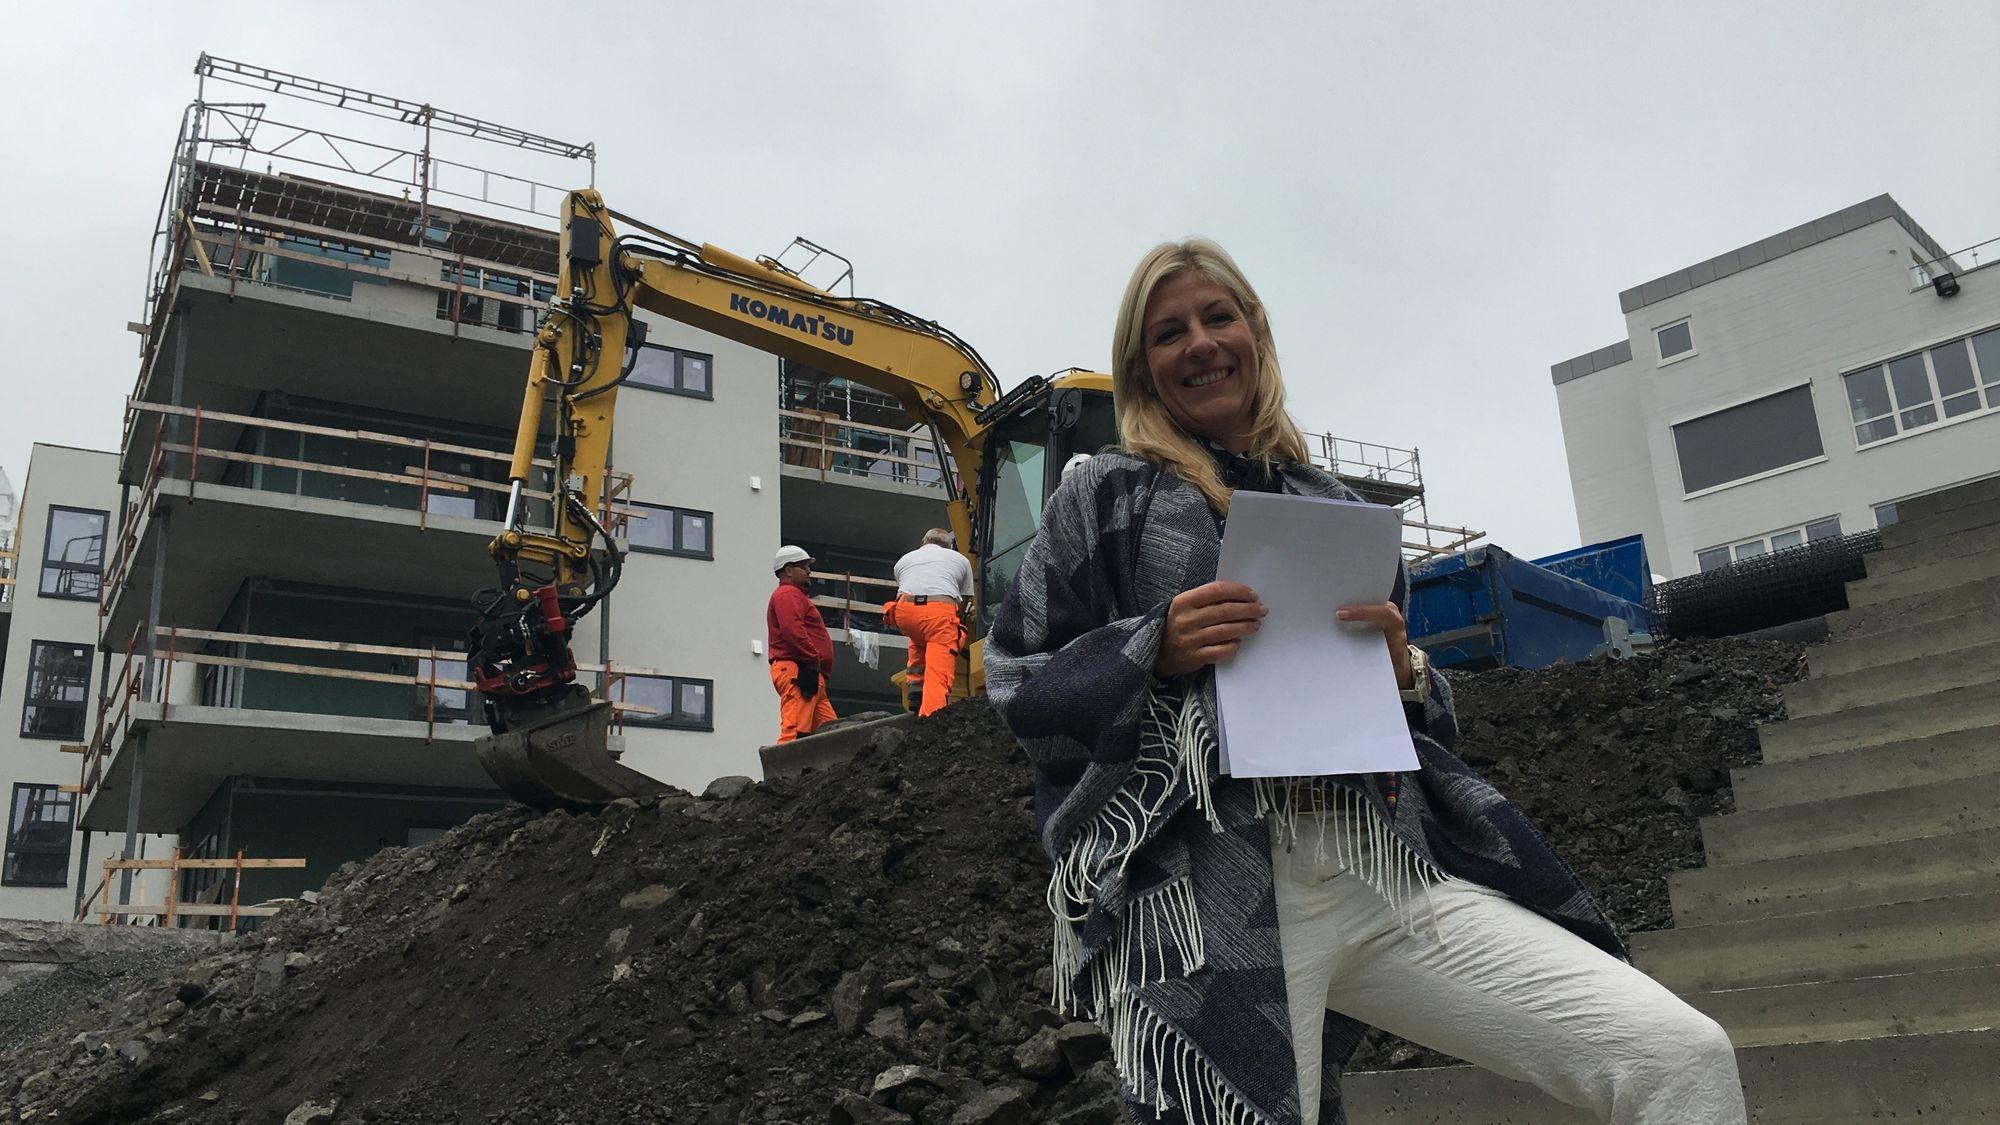 FORNØYD: Ulla J. Gundersen i Bolig Og Eiendomsutvikling synes Odlo-byggene har blitt flottere enn hun hadde forestilt seg.